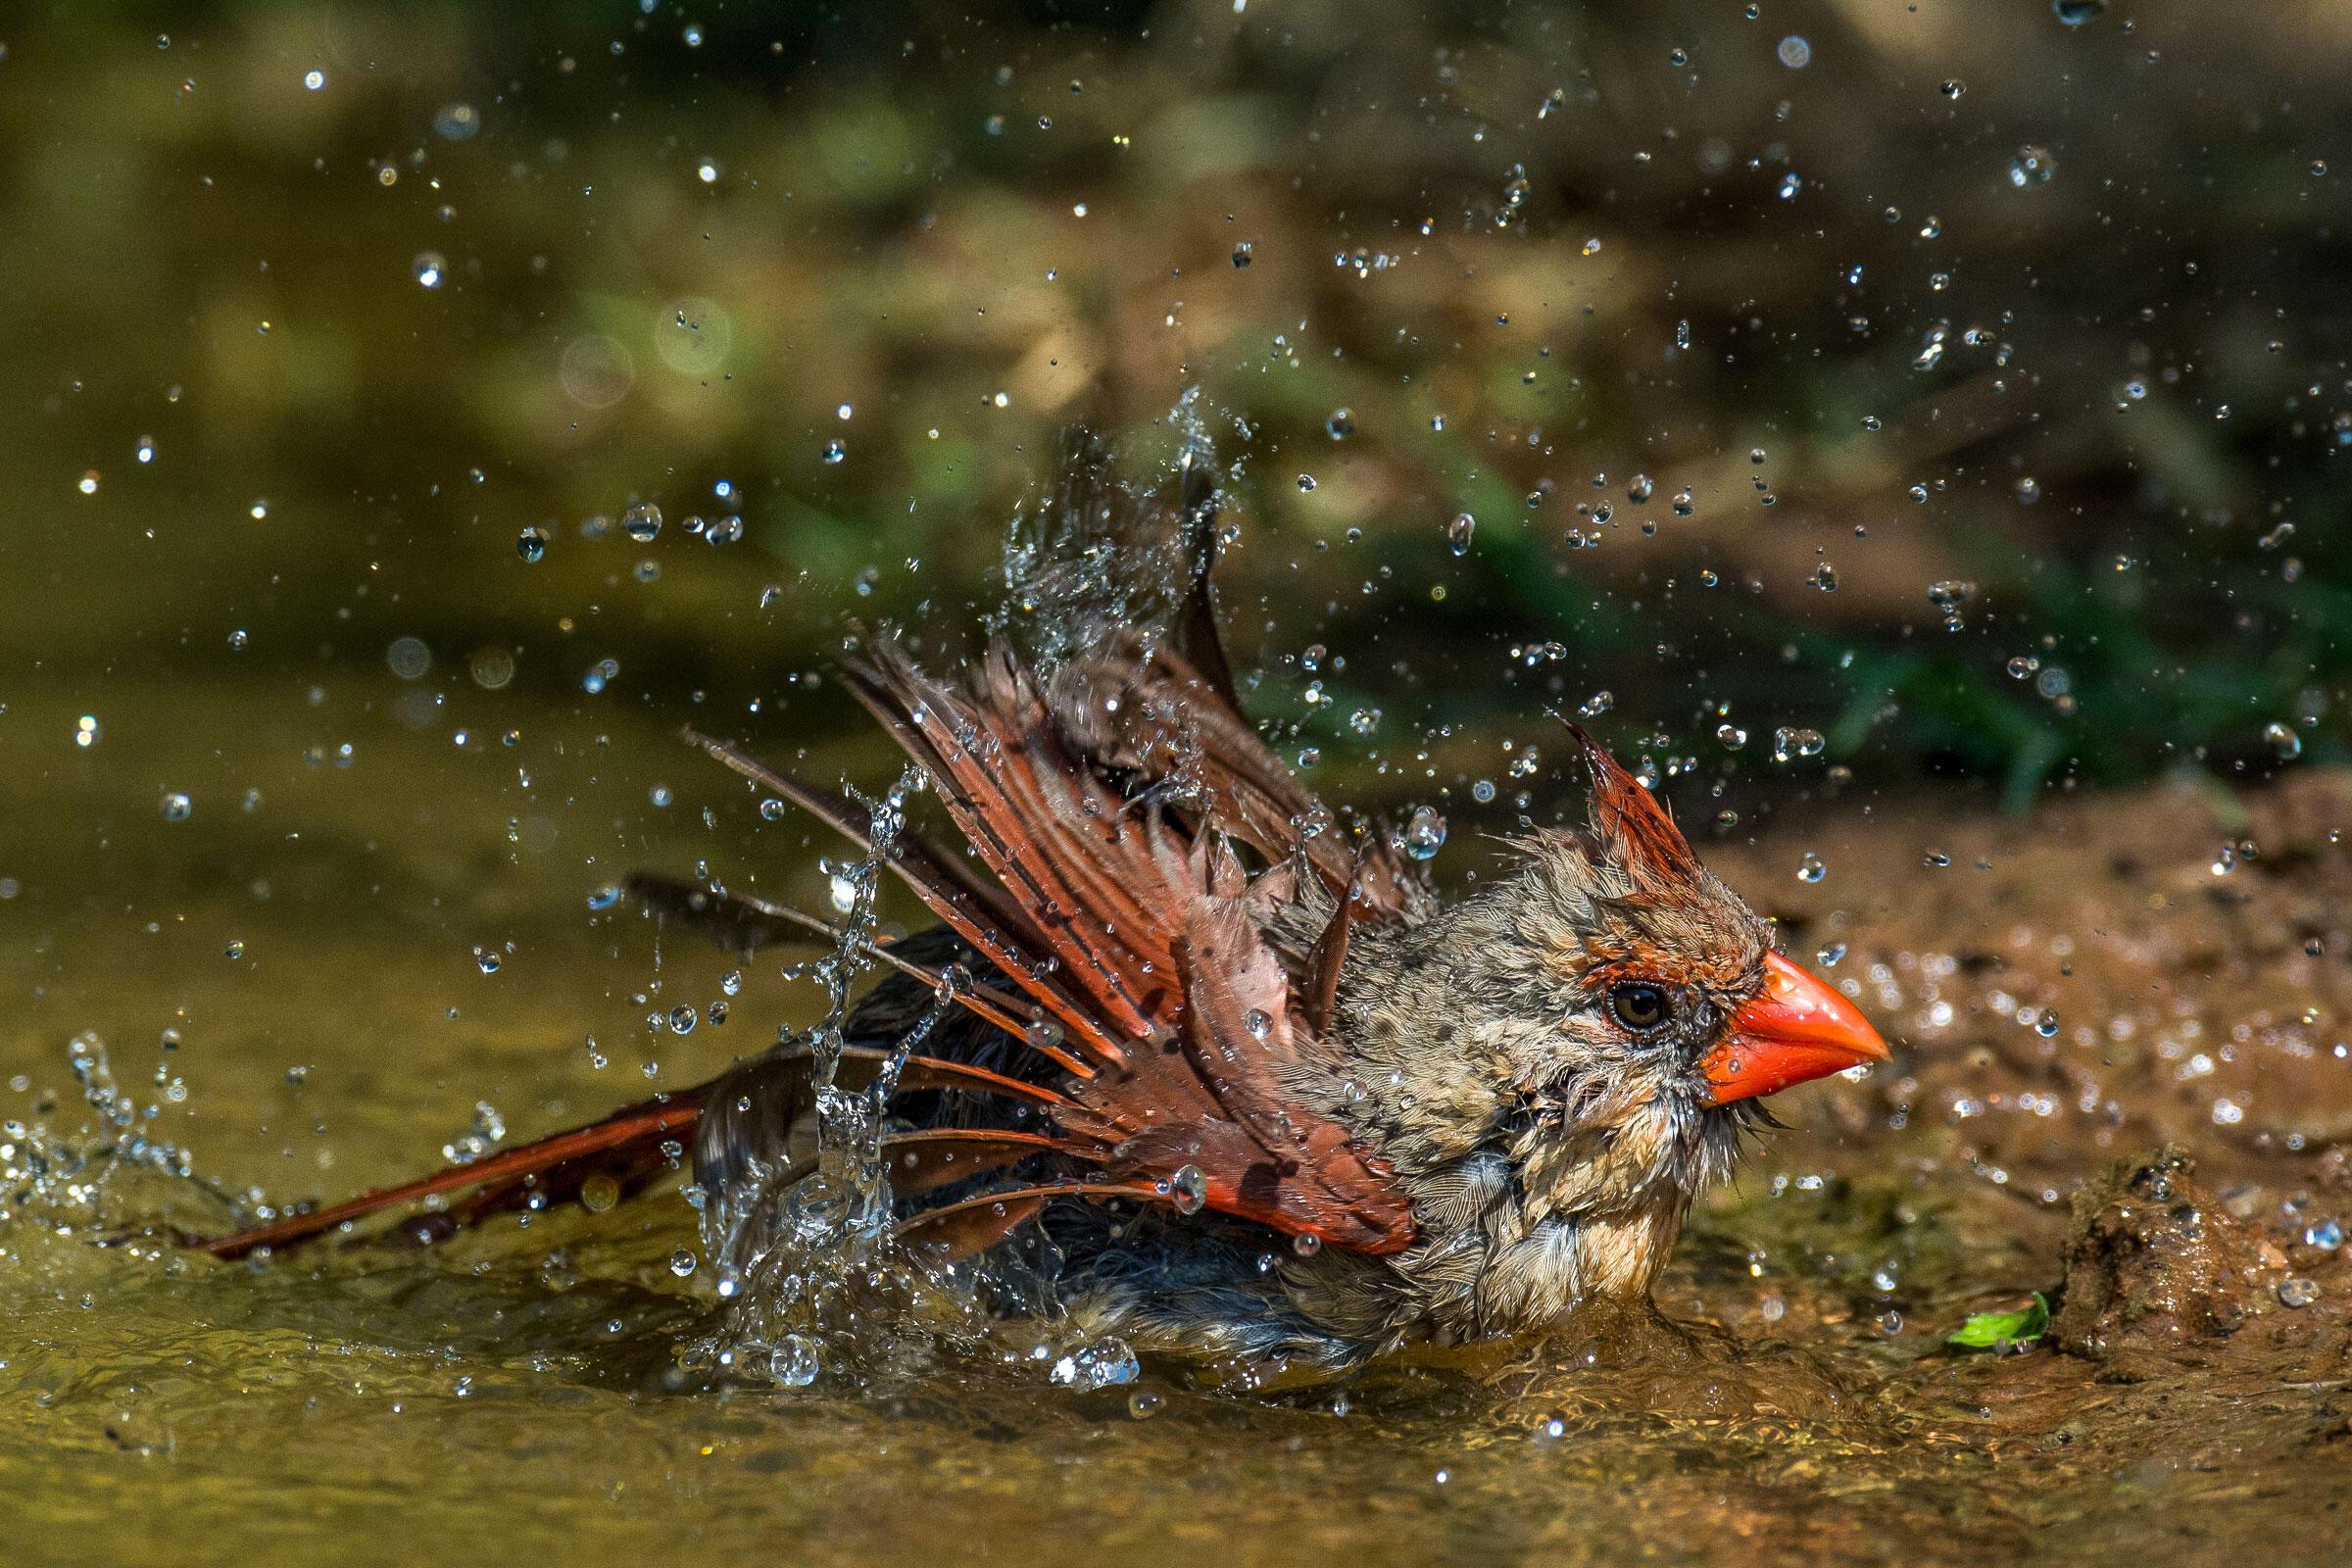 Northern Cardinal/Amateur Category. Richard Green/Audubon Photography Awards